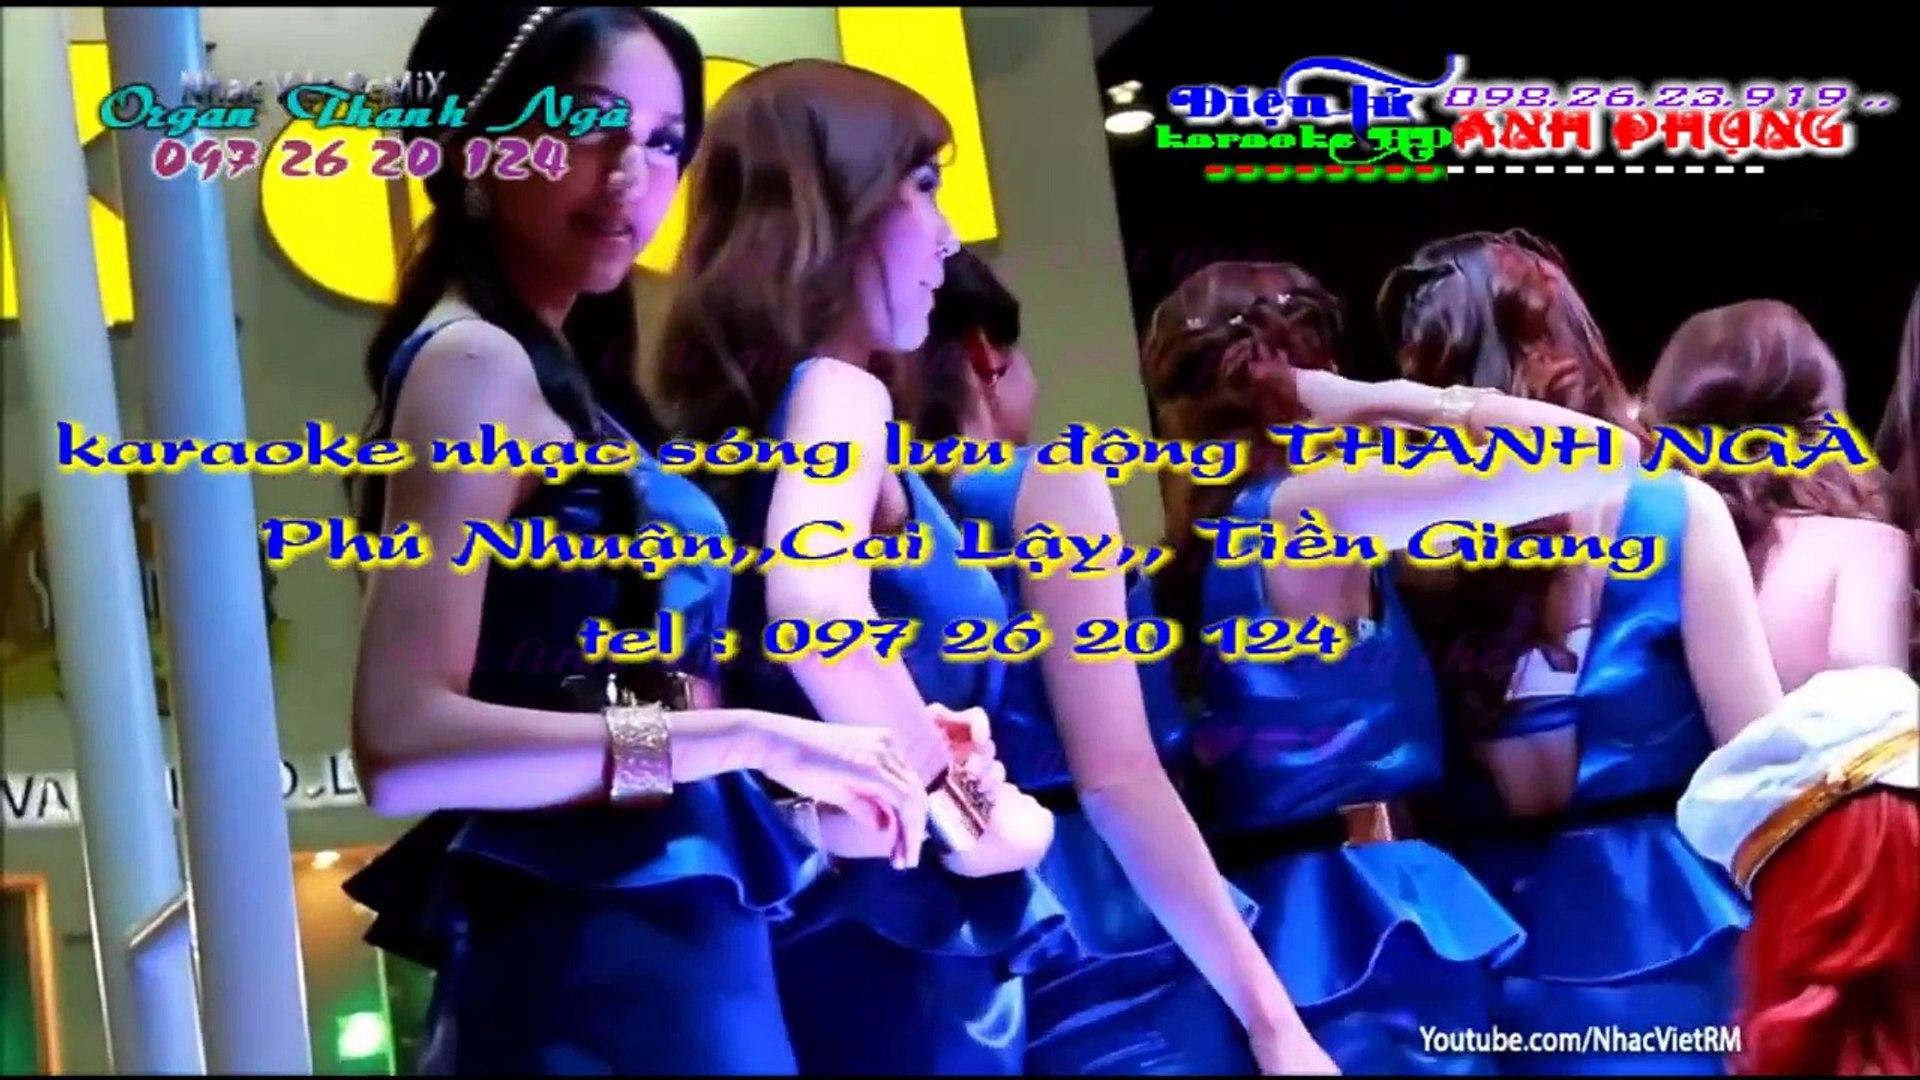 TINH PHAI REMIX karaoke full HD 2016 Điện Tử Anh Phụng